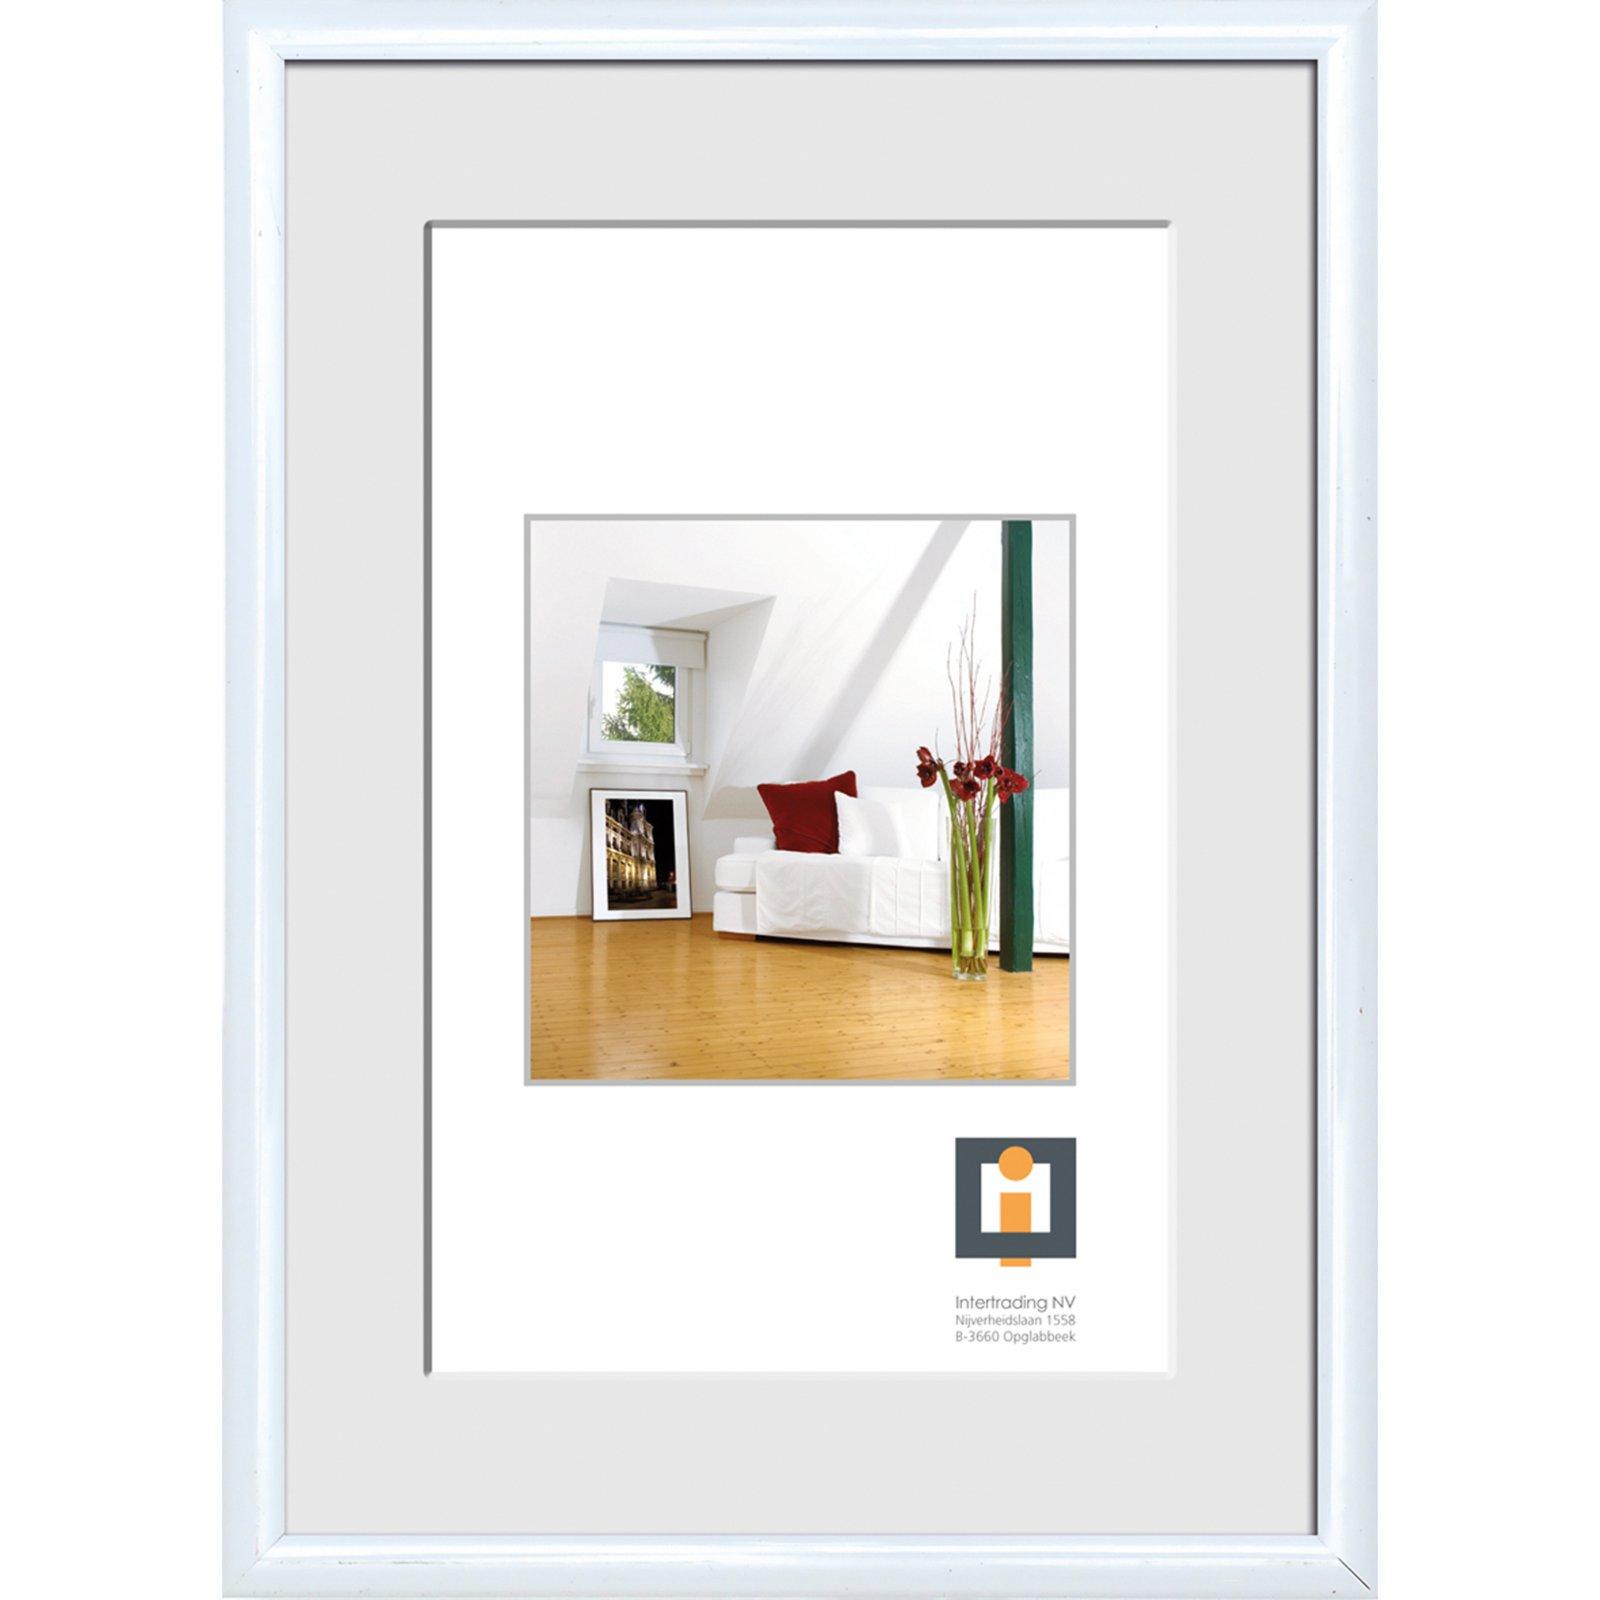 bilderrahmen wei kunststoff 50x70 cm bilderrahmen deko wohnaccessoires wohnzimmer. Black Bedroom Furniture Sets. Home Design Ideas